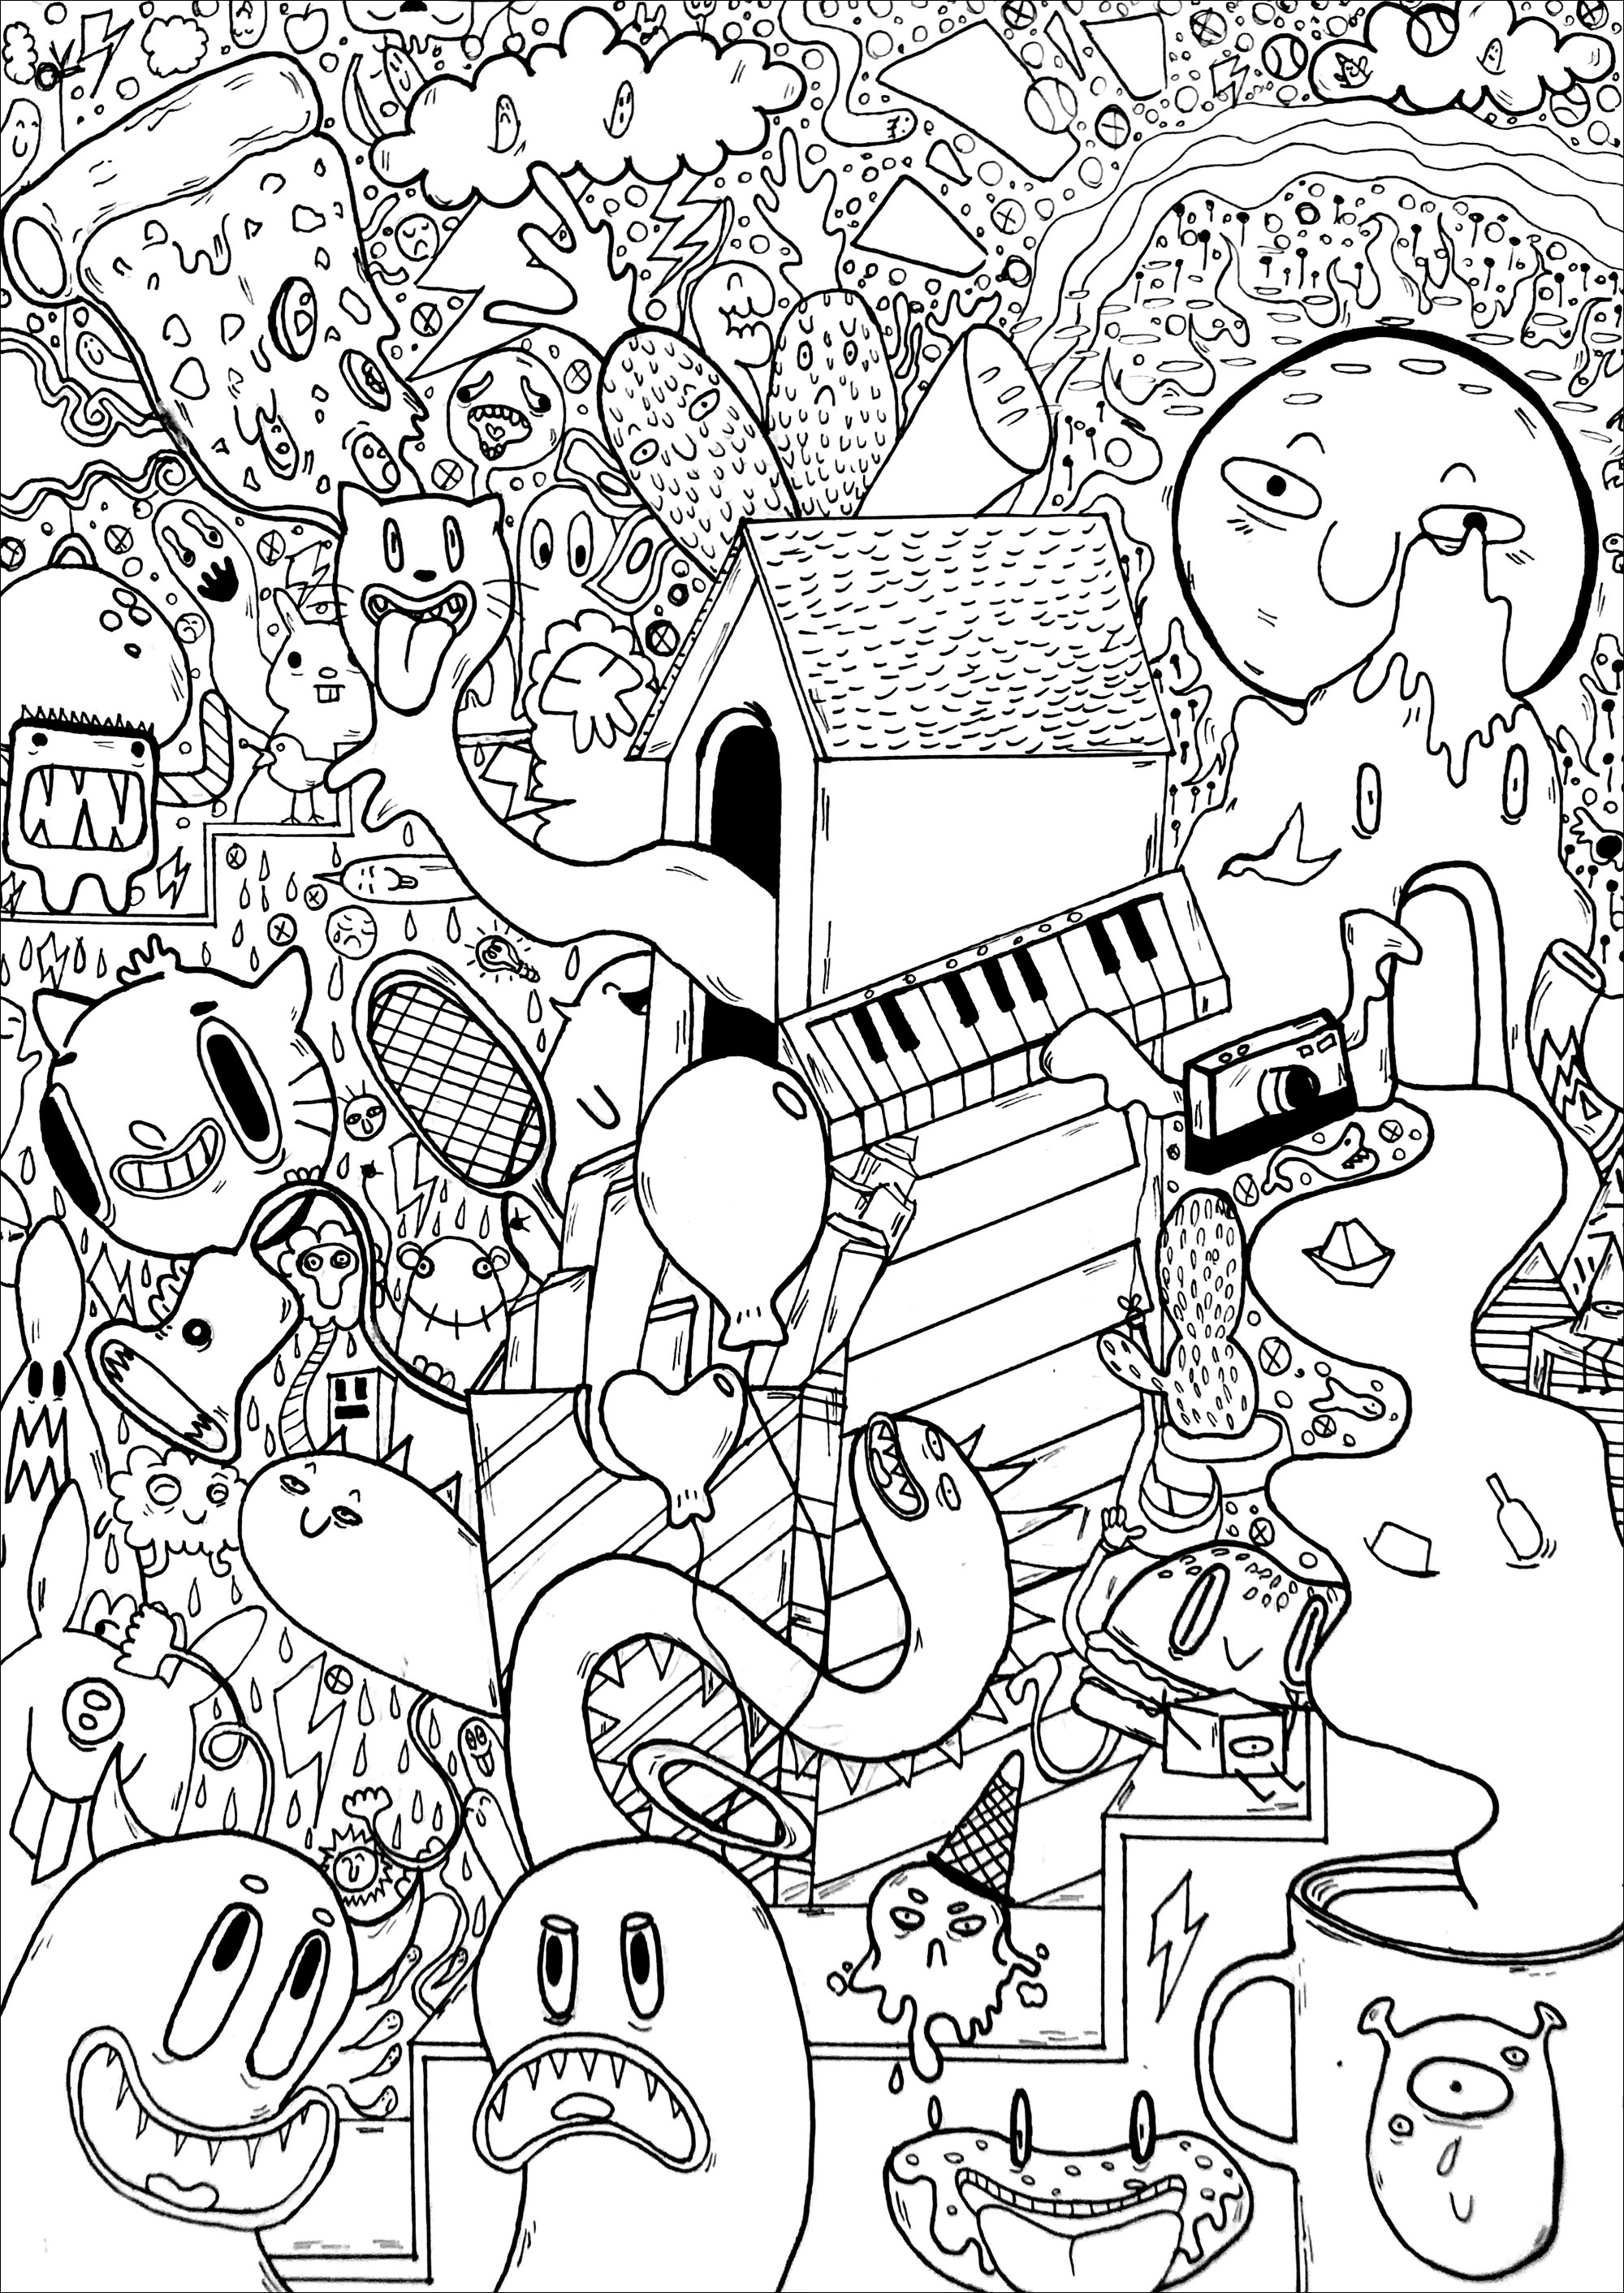 Découvrez des créatures étranges dans un incroyable Doodle !